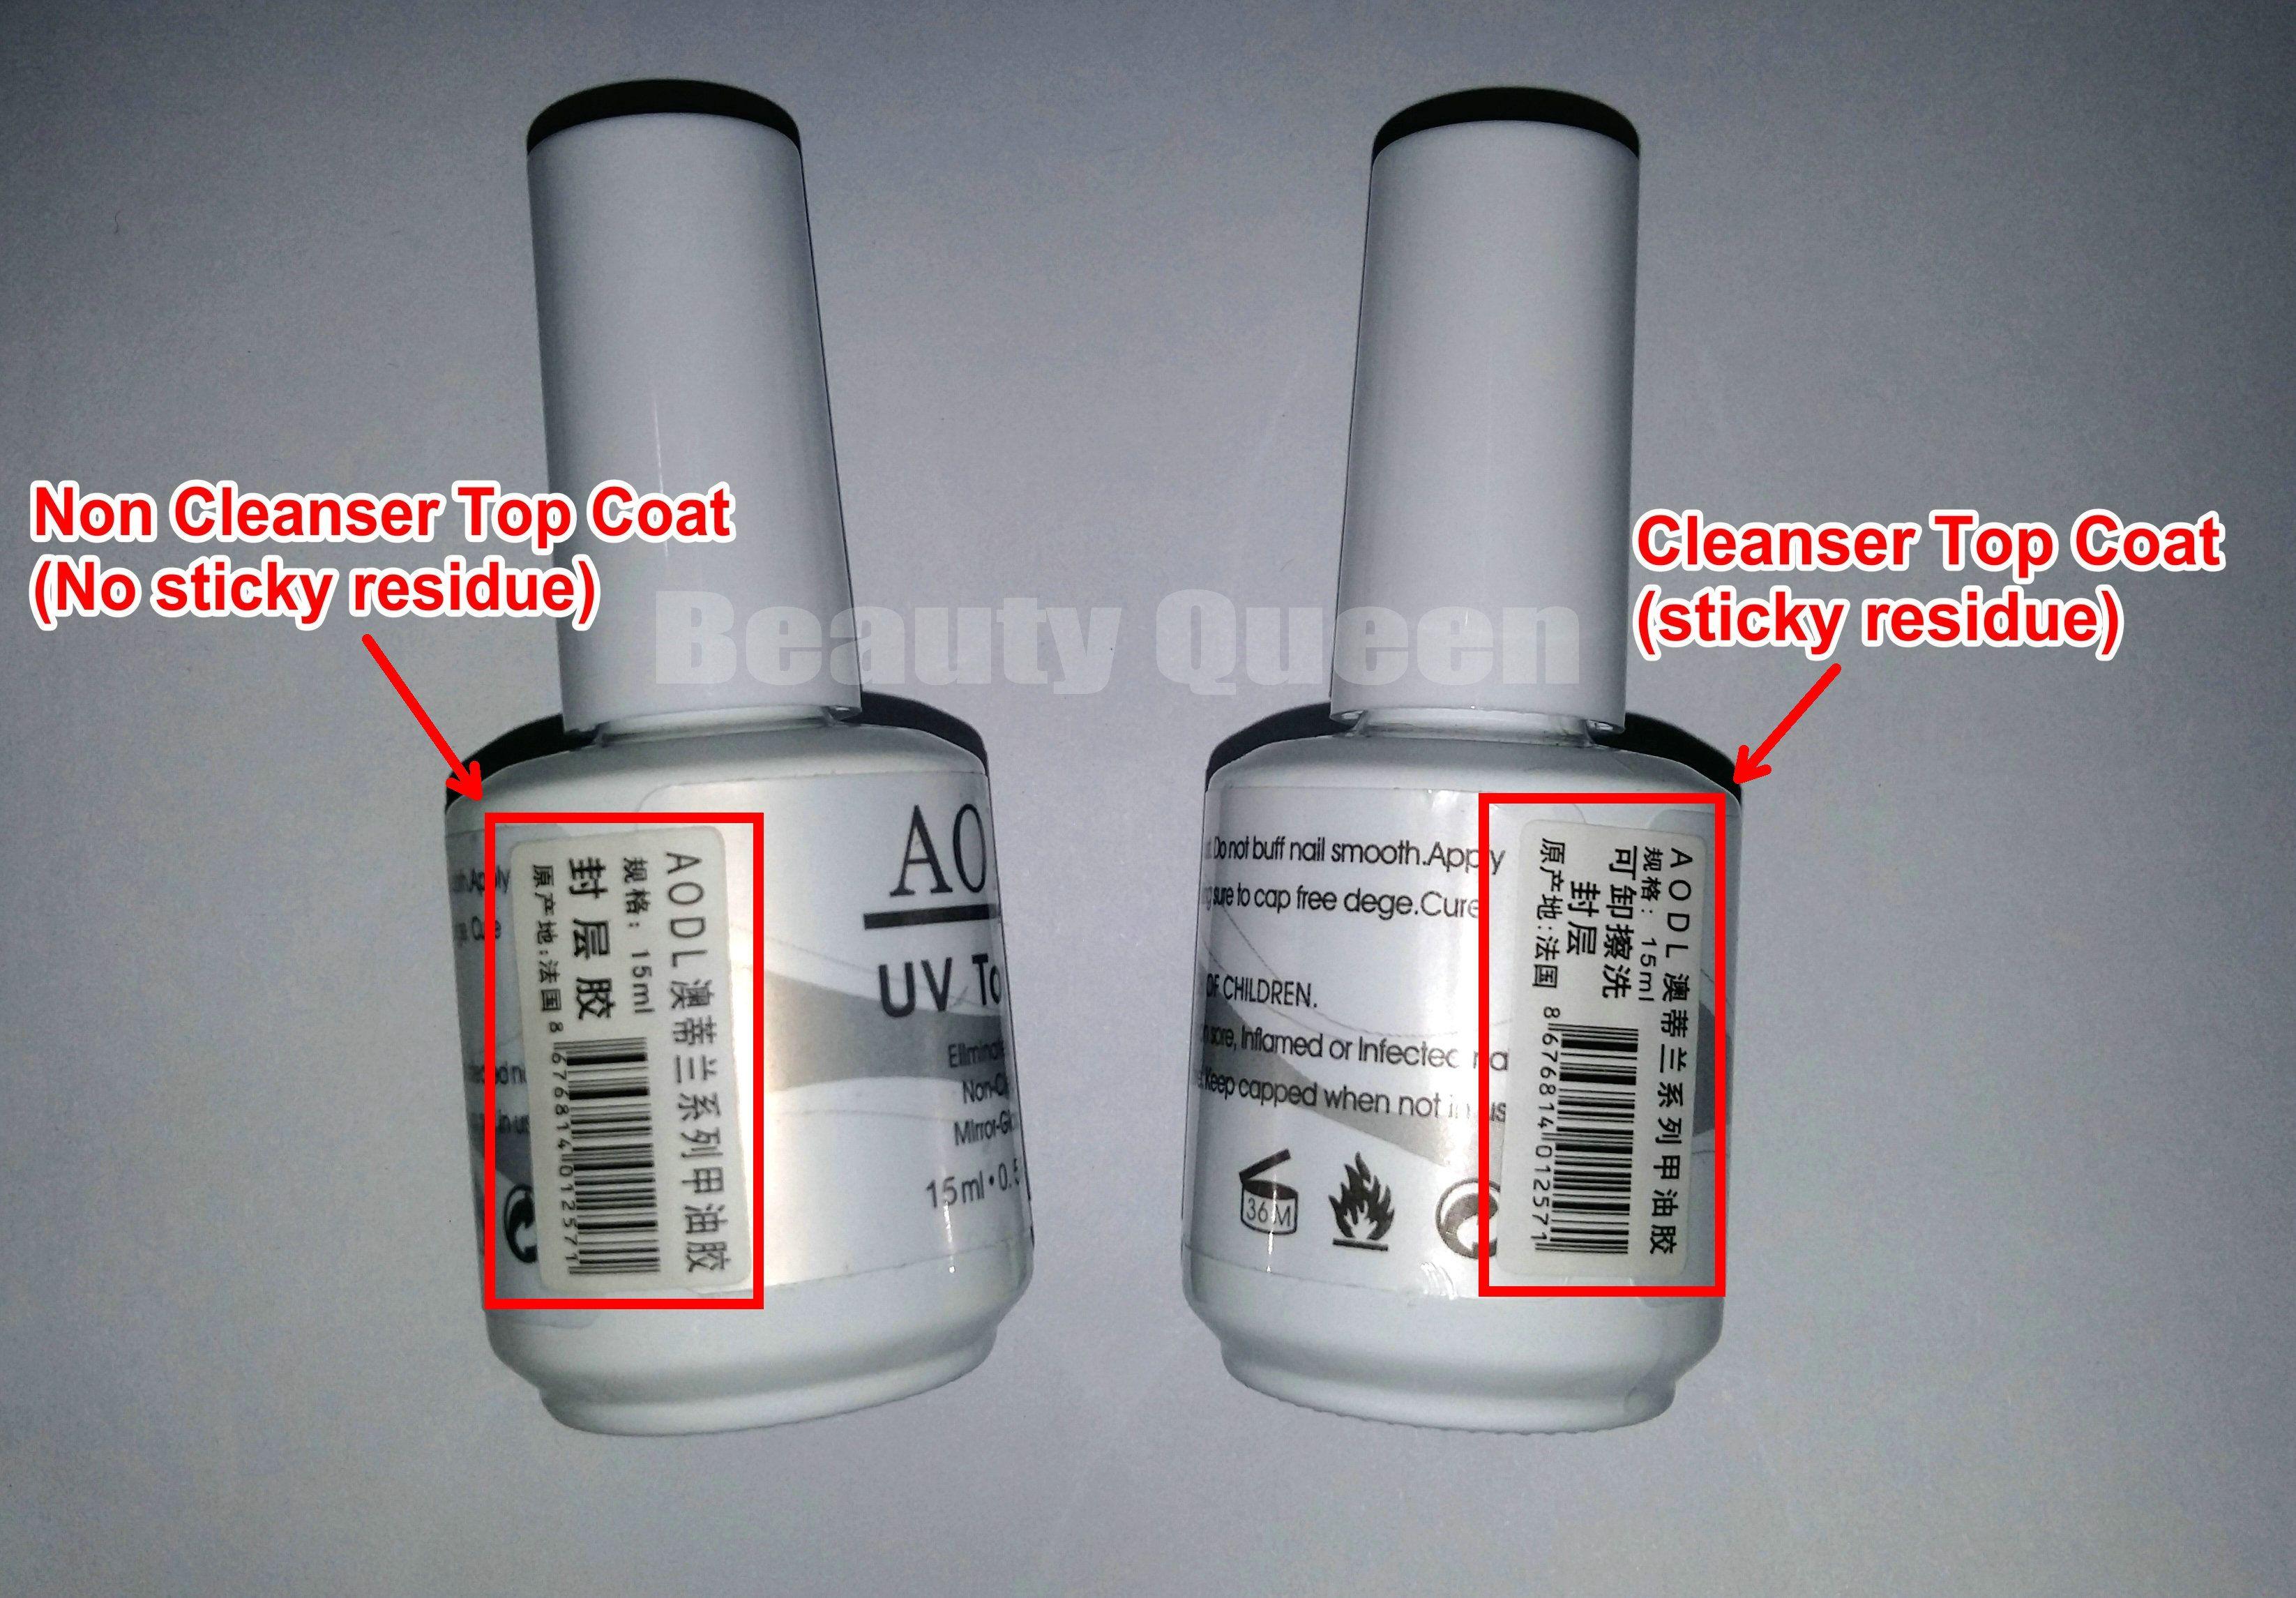 High Gloss * Cleanser Top Coat * Nach der Aushärtung schnell trocknend klebrig Salon Nail Art Tränken Sie den Top Coat für UV-Gelpoliermittel LED NEW * AODL